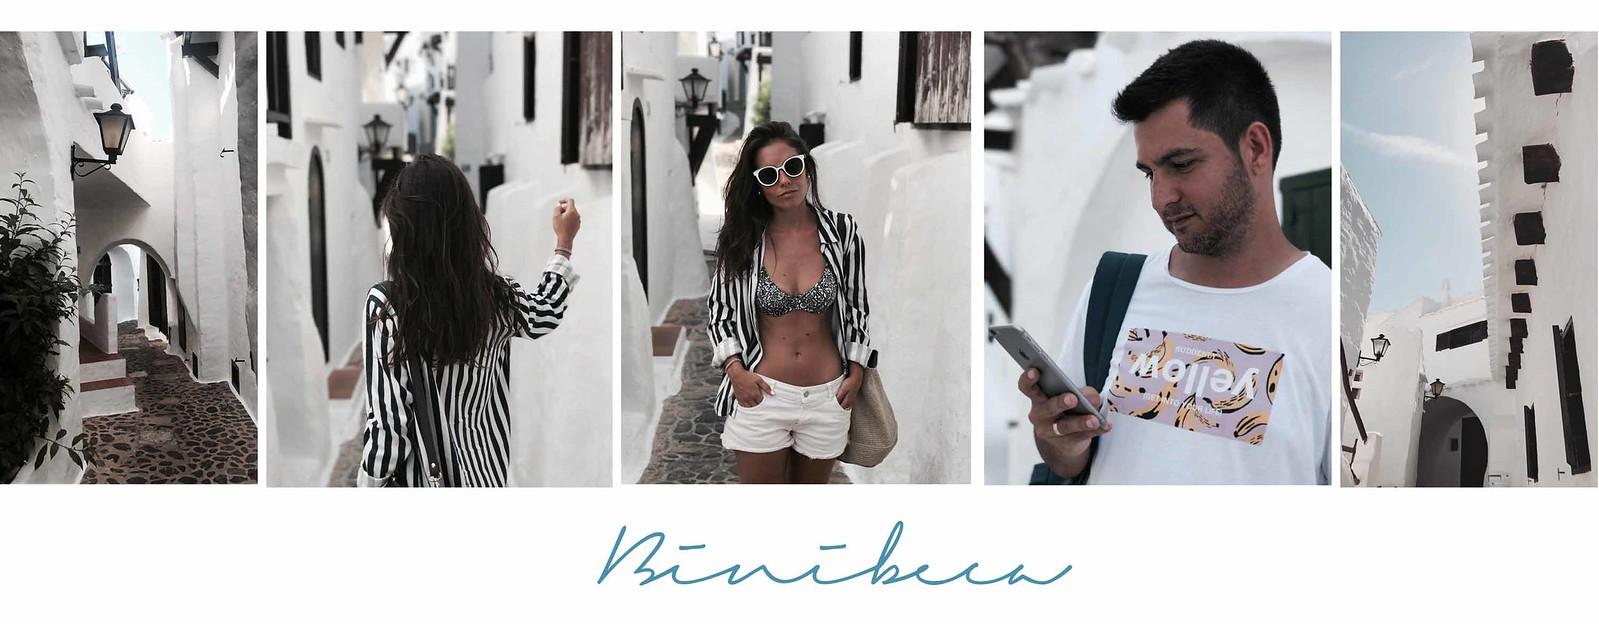 017_jamaica_apartamentos_menorca_vacaciones_en_familia_theguestgirl_travel_post_travel_viajar_fornells_menorca_the_guest_girl